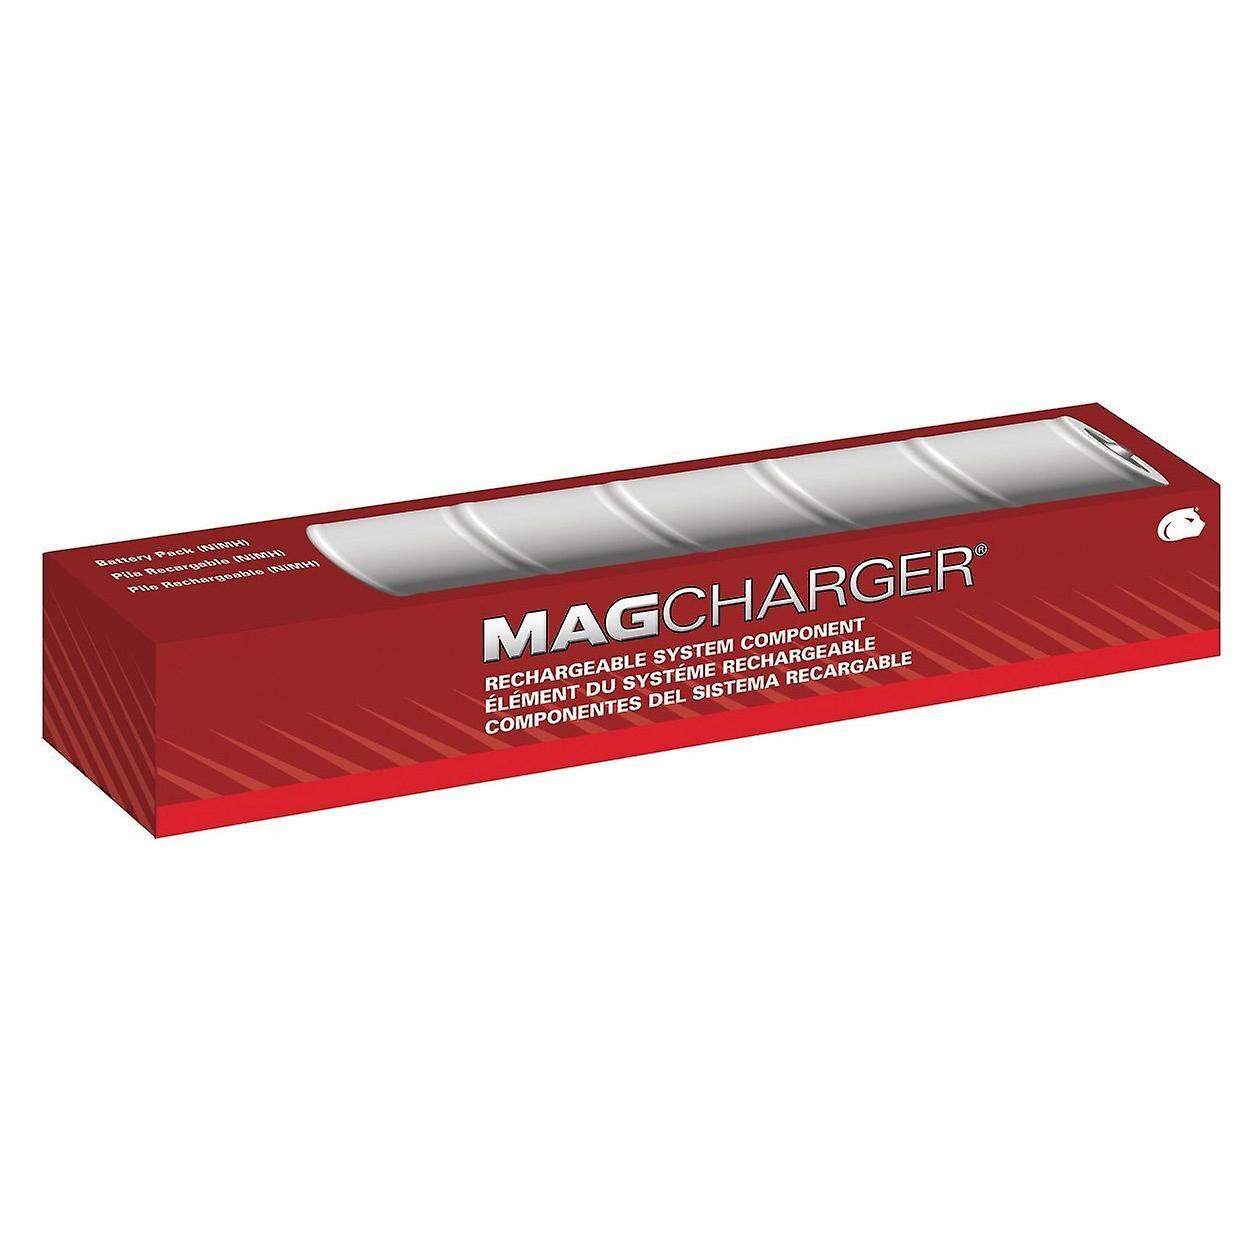 Maglite wiederaufladbare 6v NiMH Akku. Leistungsgesteigerte Version für Mag Charger system